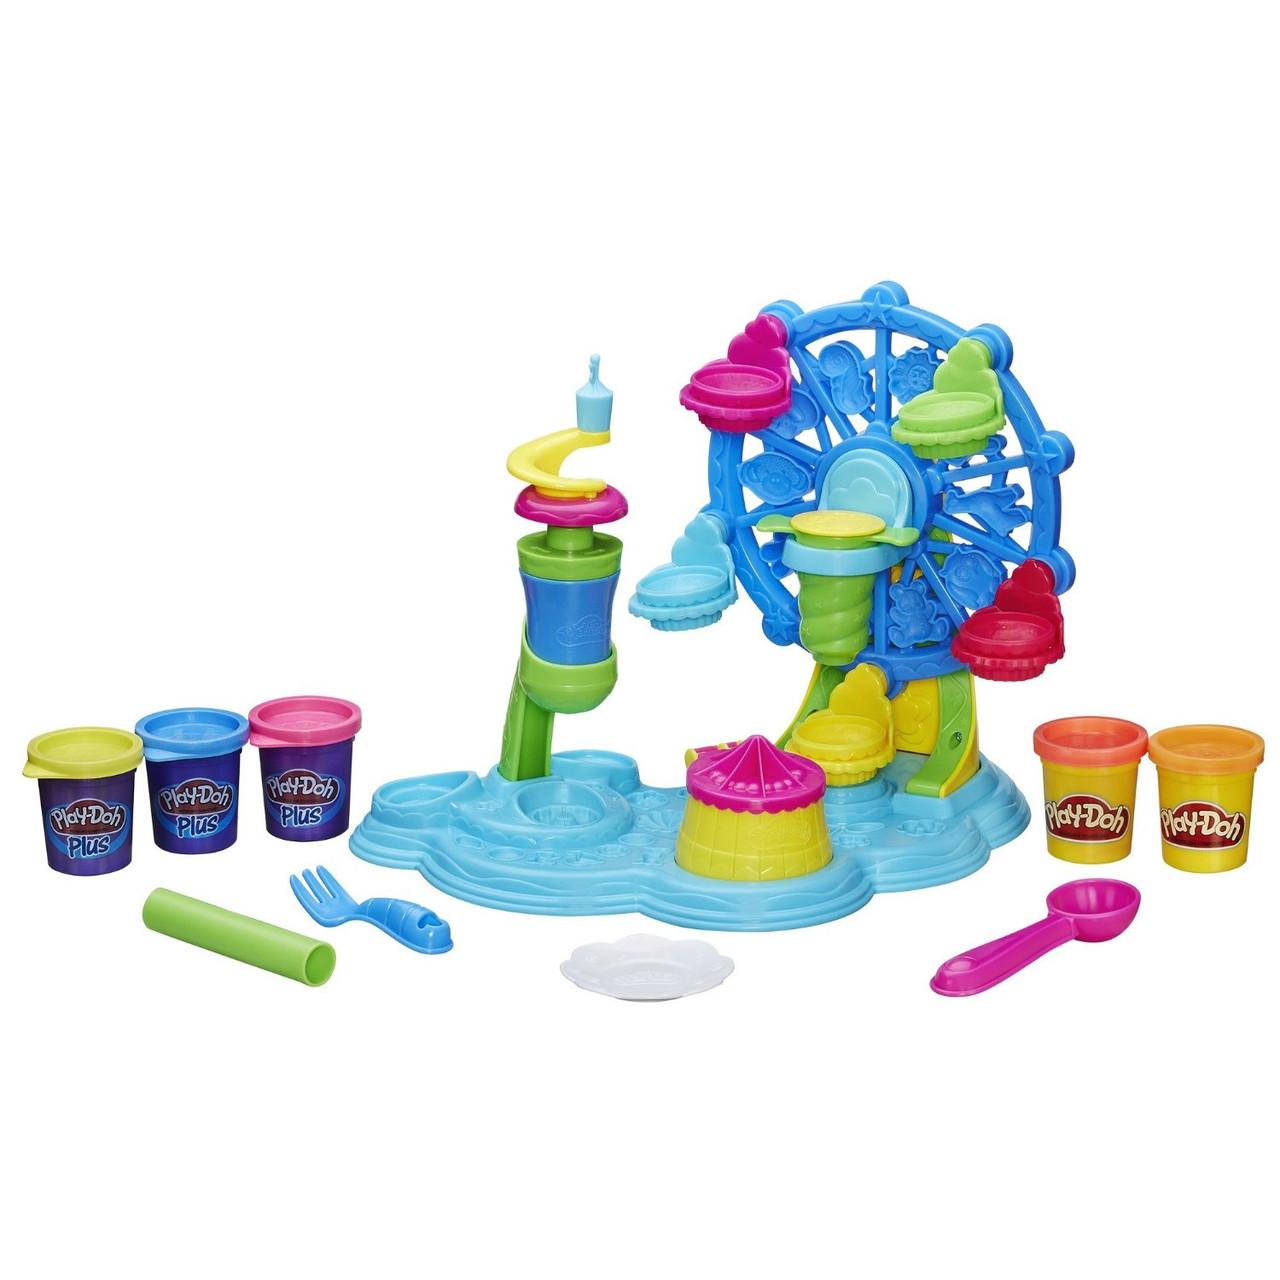 Play-Doh игровой набор с пластилином набор Карнавал сладостей Cupcake Celebration Playset